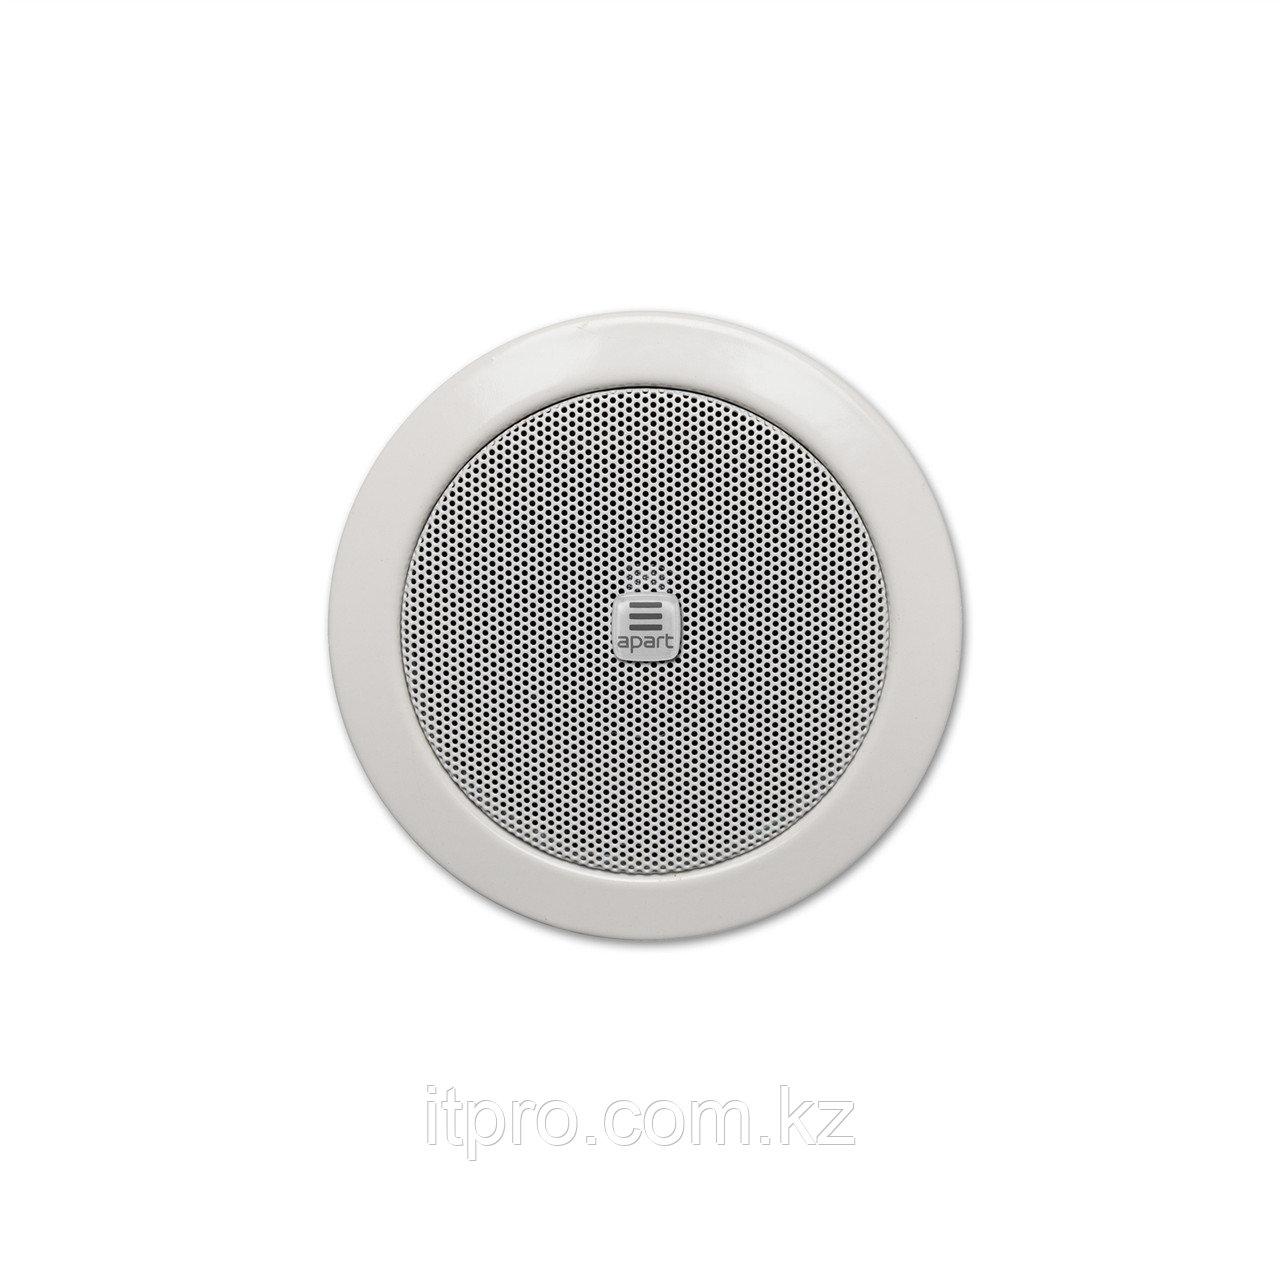 """Потолочный громкоговоритель Apart CM3T, 6Вт(100В) / 20Вт(16 Ом), 3"""", белый"""